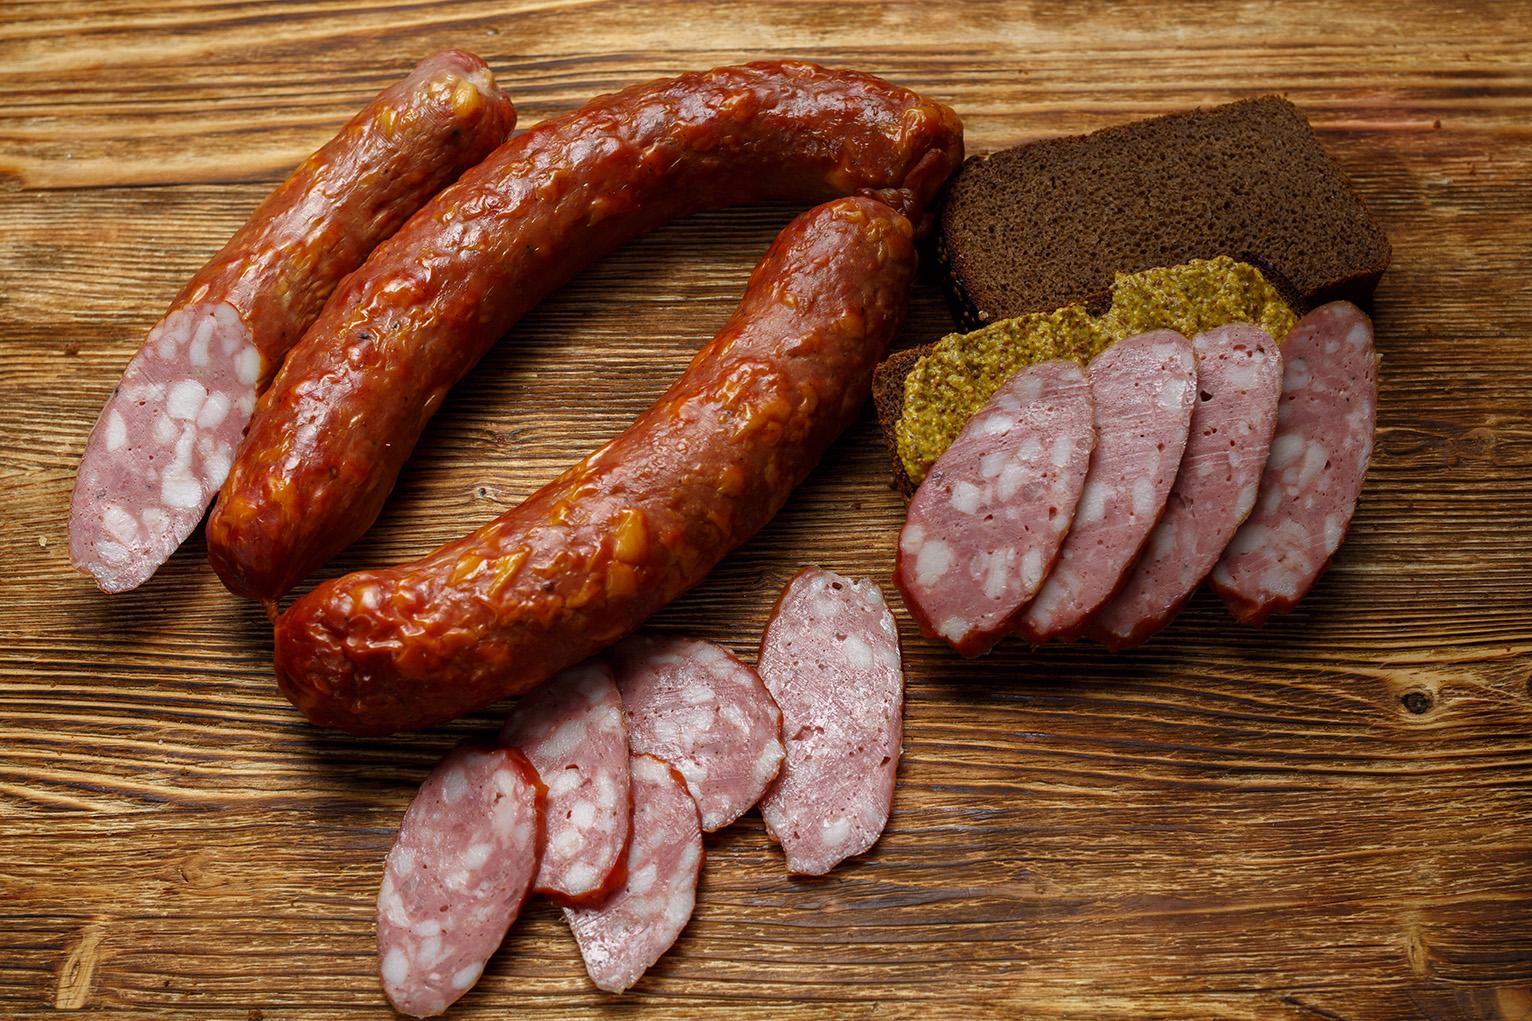 Рецепт домашней сырокопченой колбасы - Рецепты - Wday 59